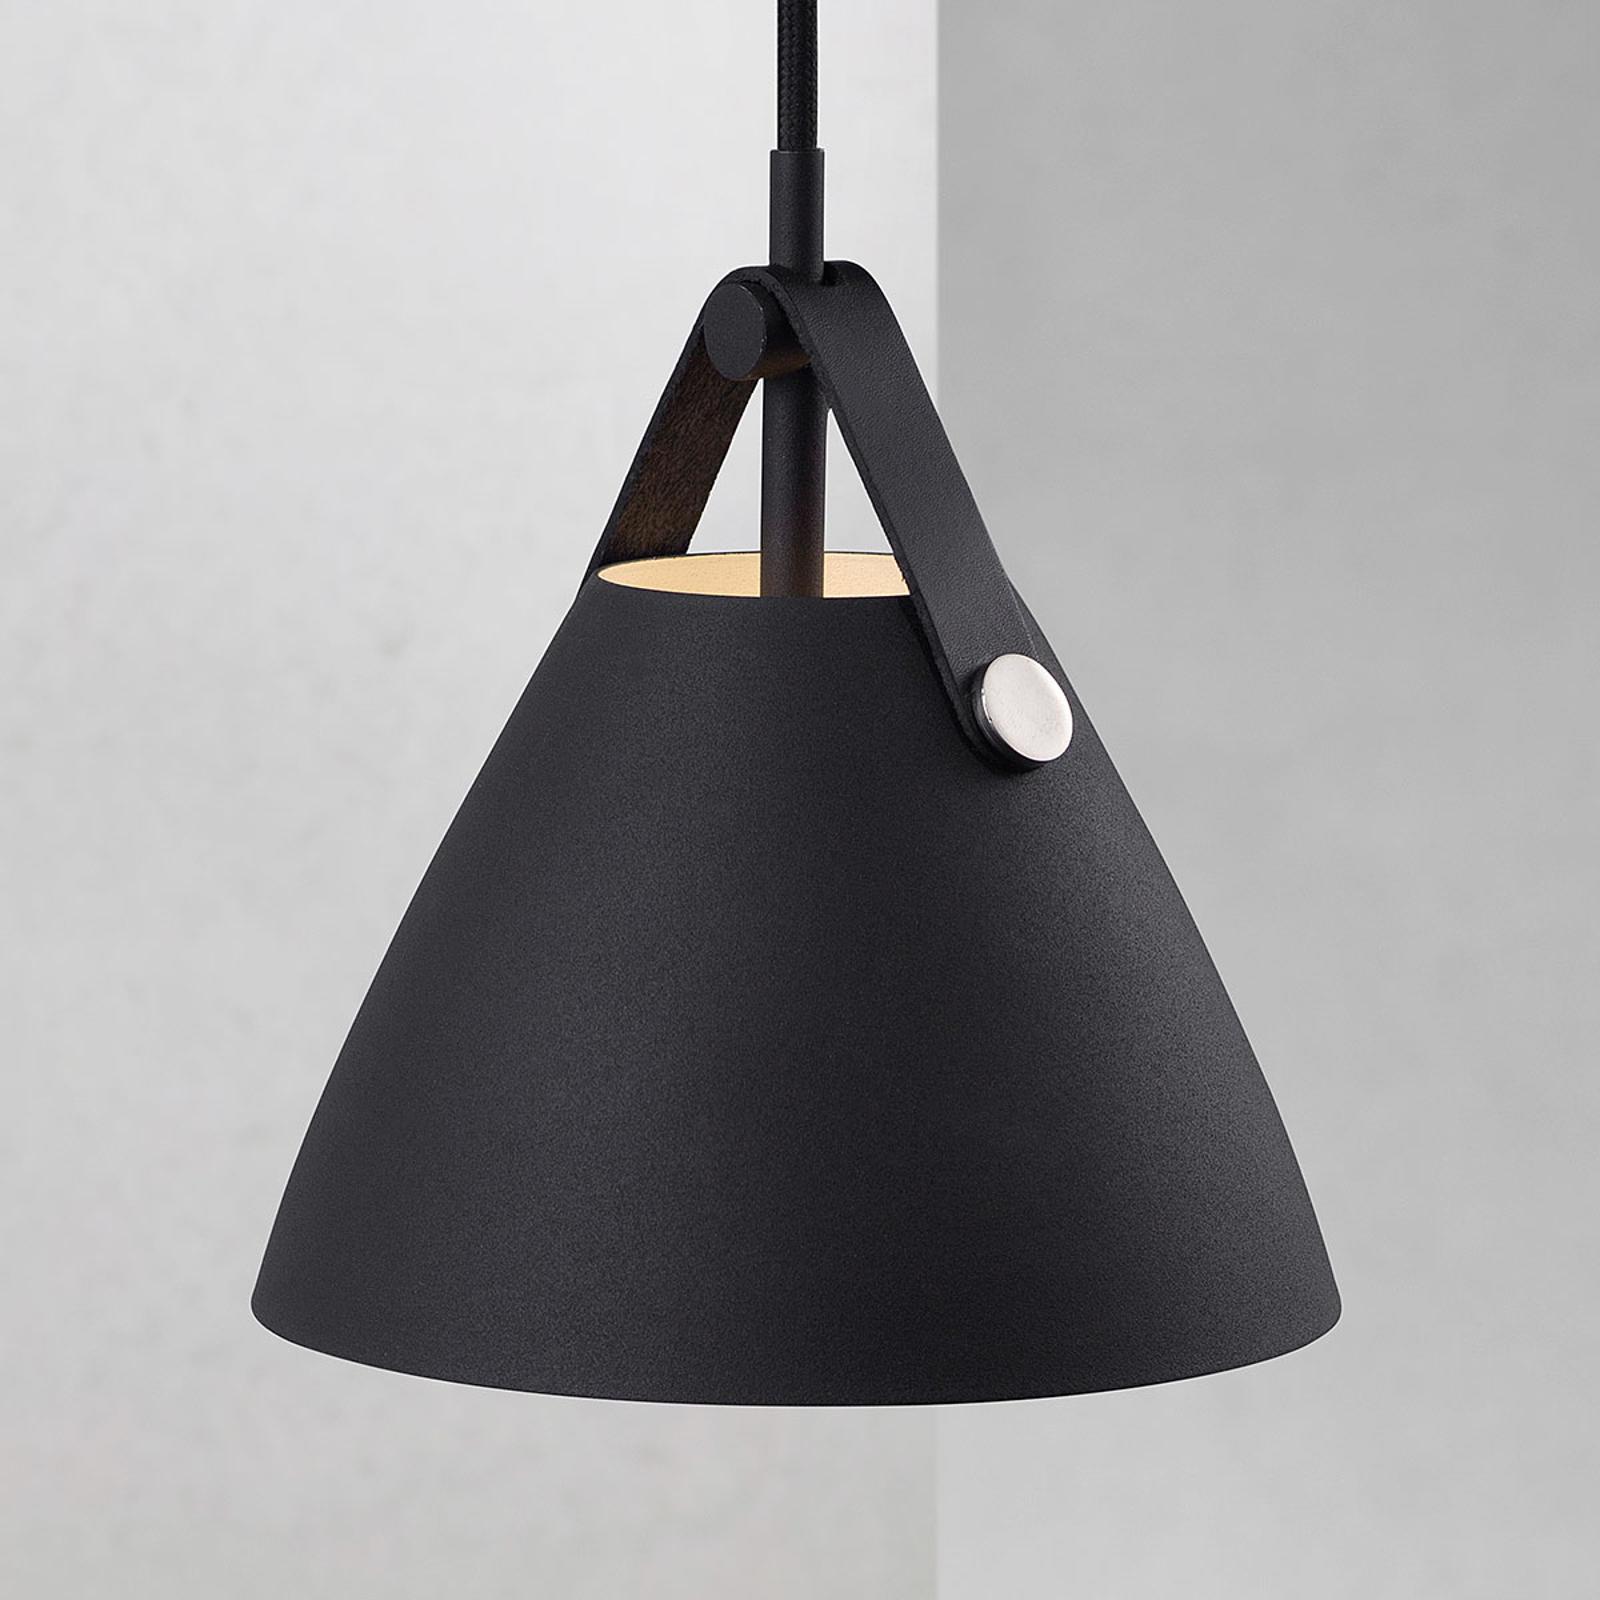 Lampada a sospensione Strap Ø 16,5 cm nera